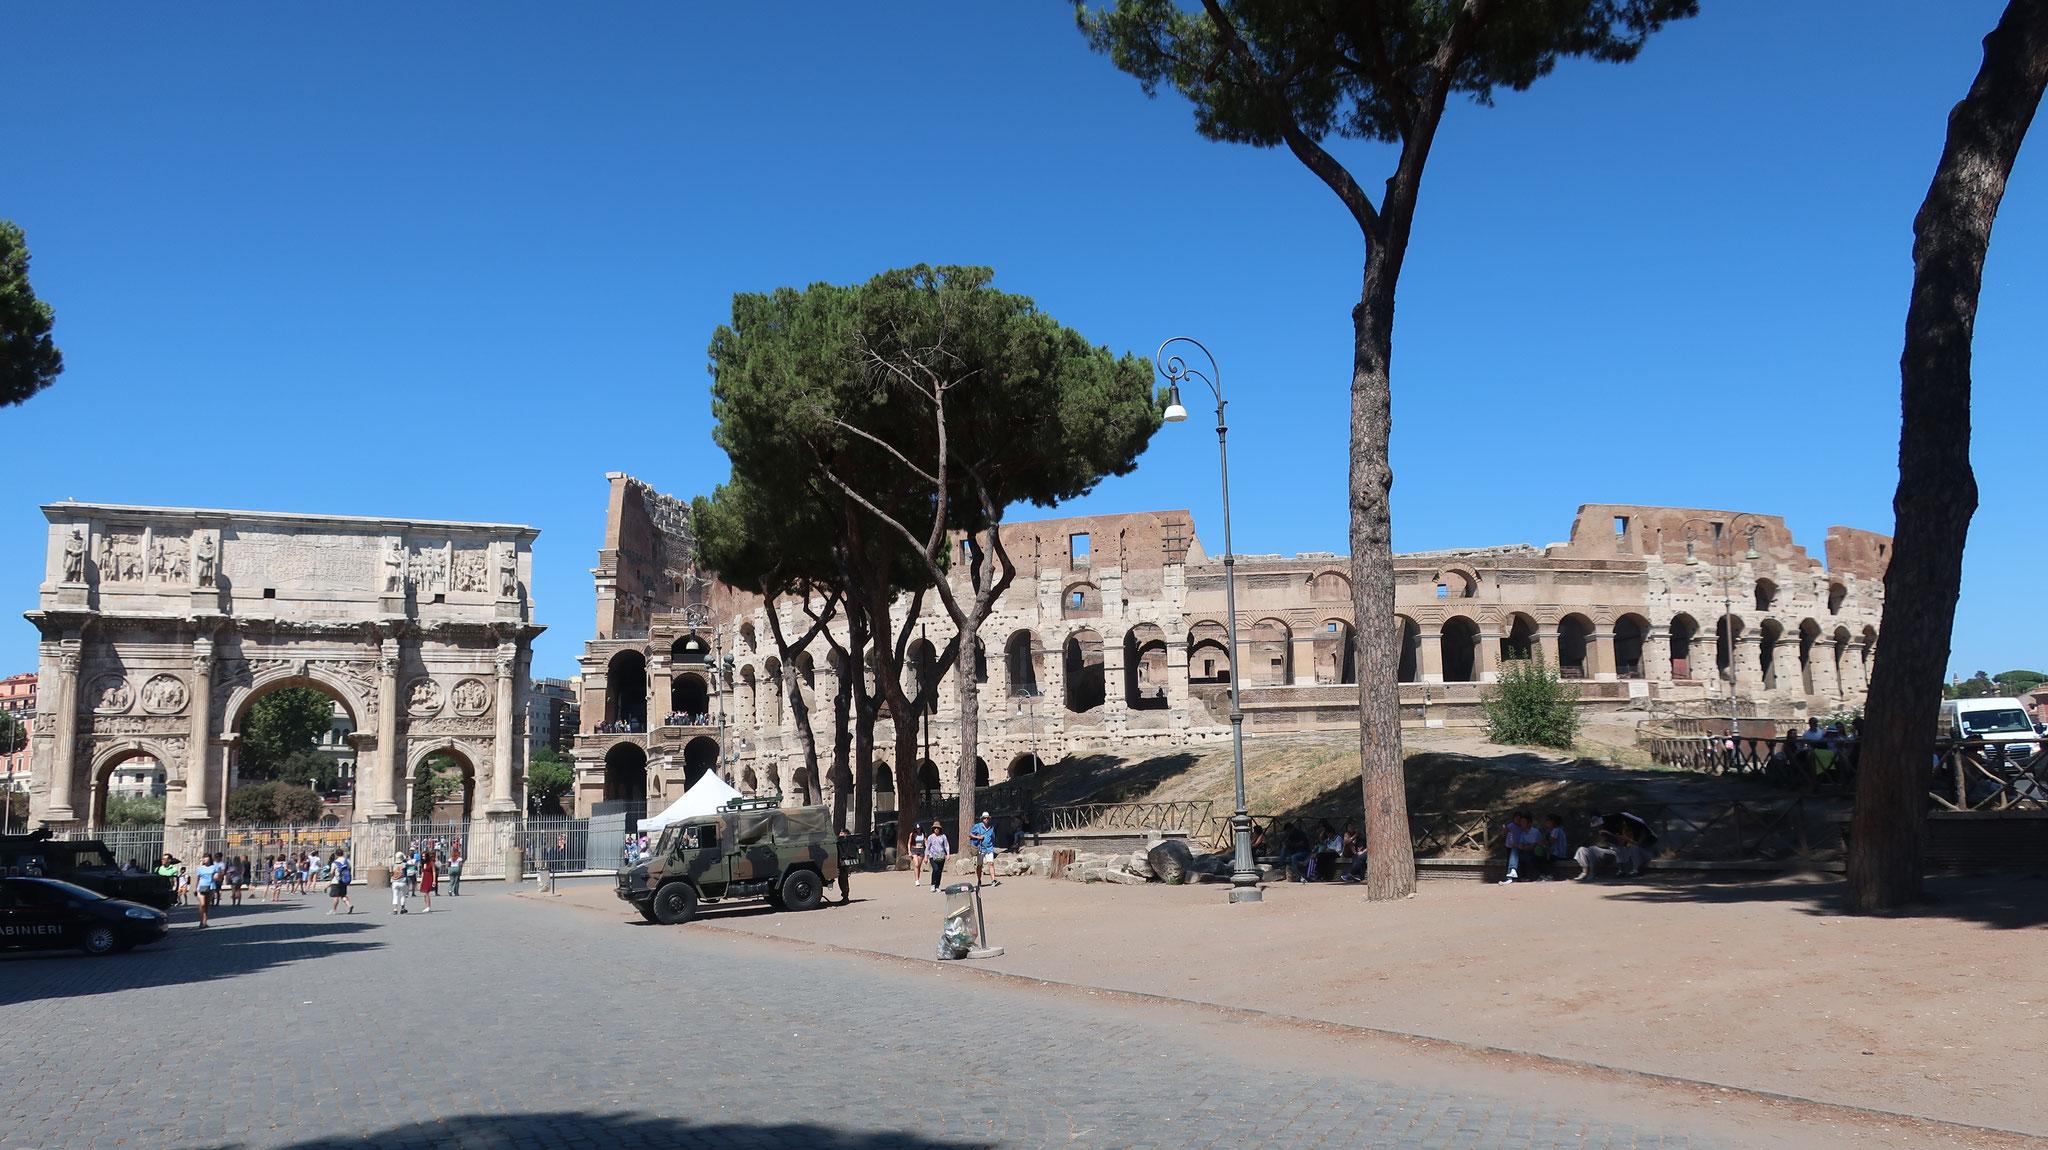 コンスタンティヌス帝の凱旋門とコロッセオ